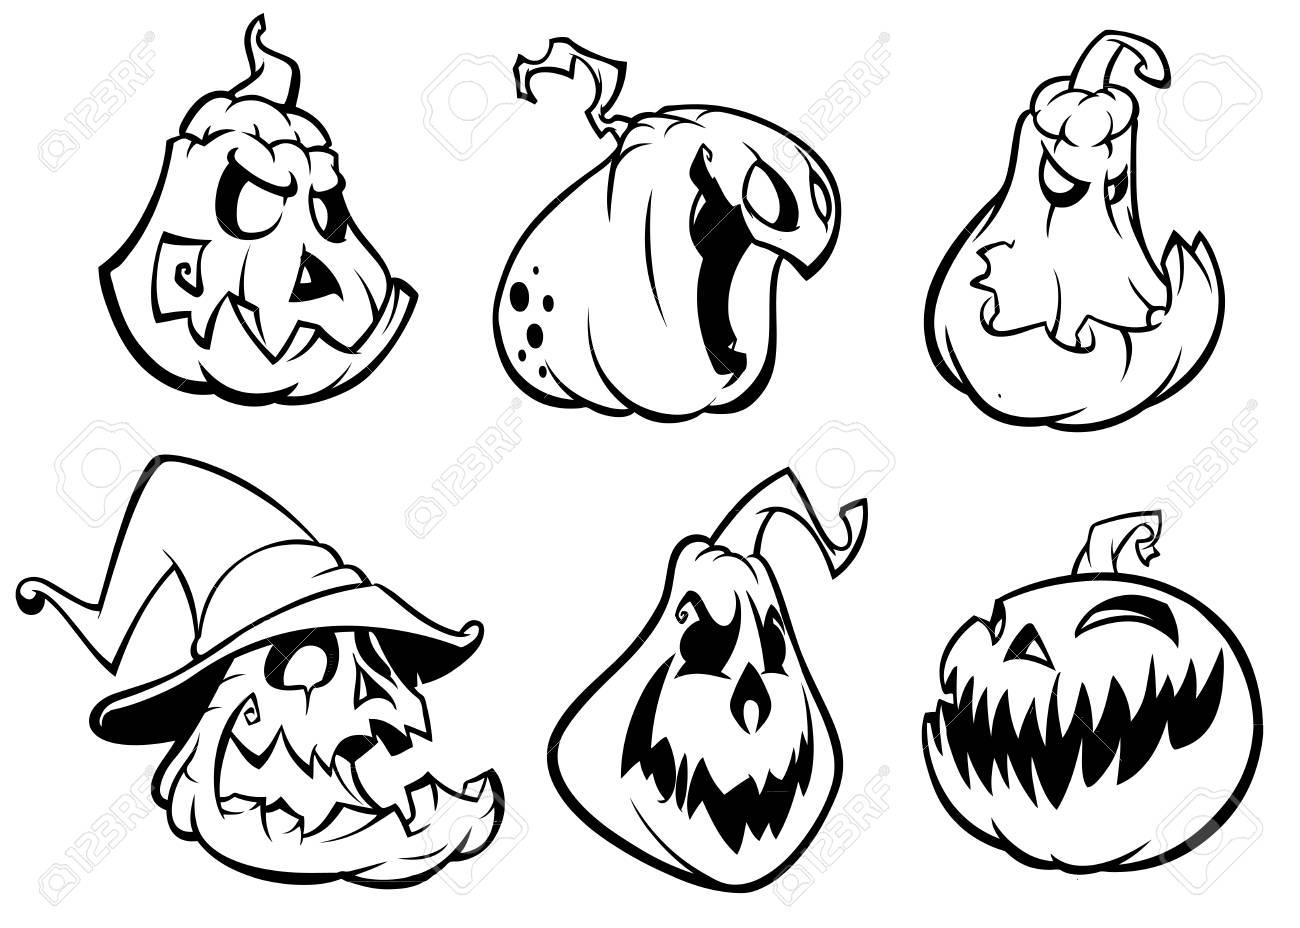 Citrouilles d\u0027Halloween incurvées avec le visage de jack o lantern.  Illustration de dessin animé de vecteur. Coups et contours